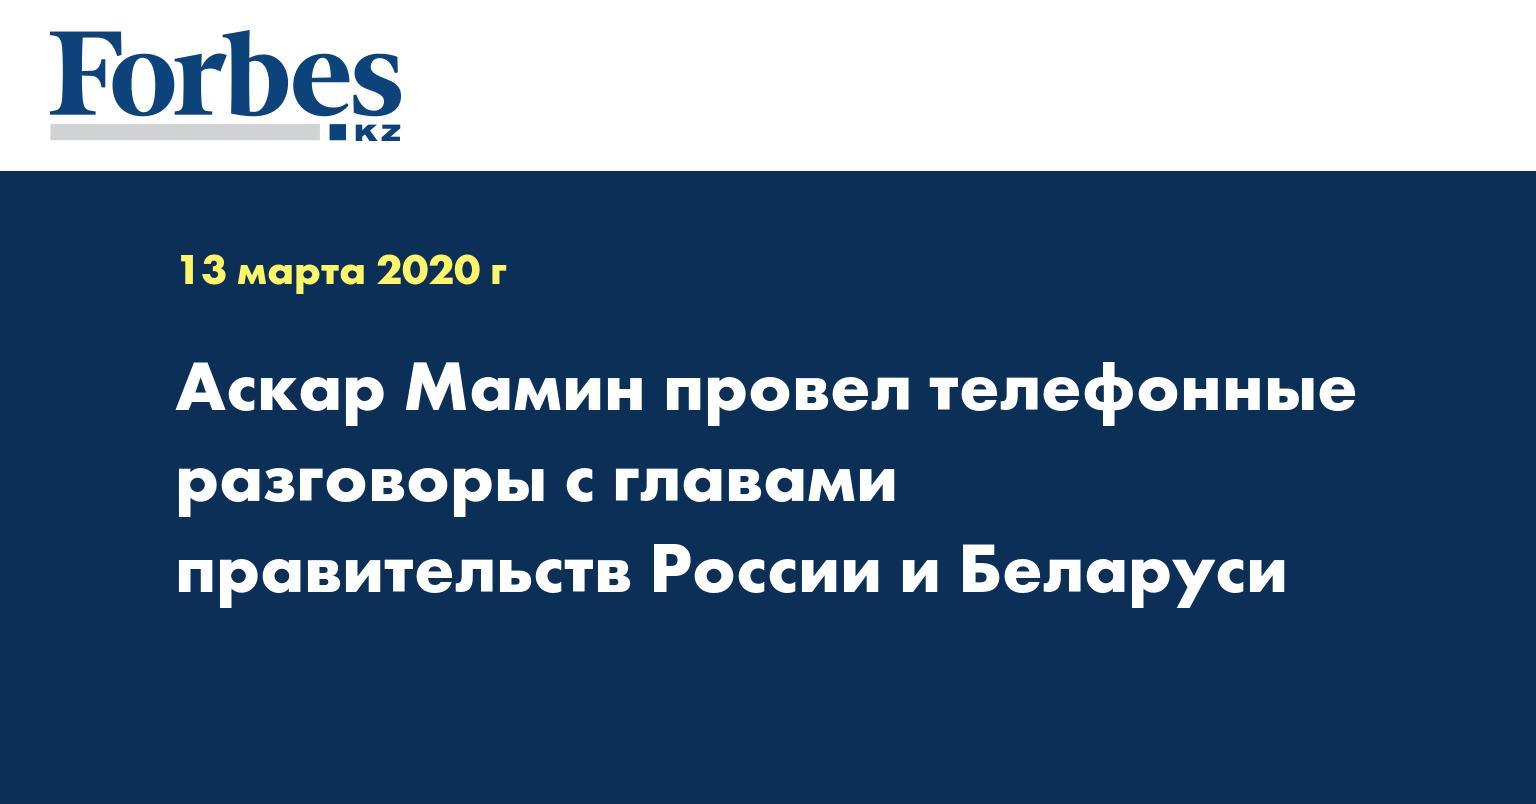 Аскар Мамин провел телефонные разговоры с главами правительств России и Беларуси